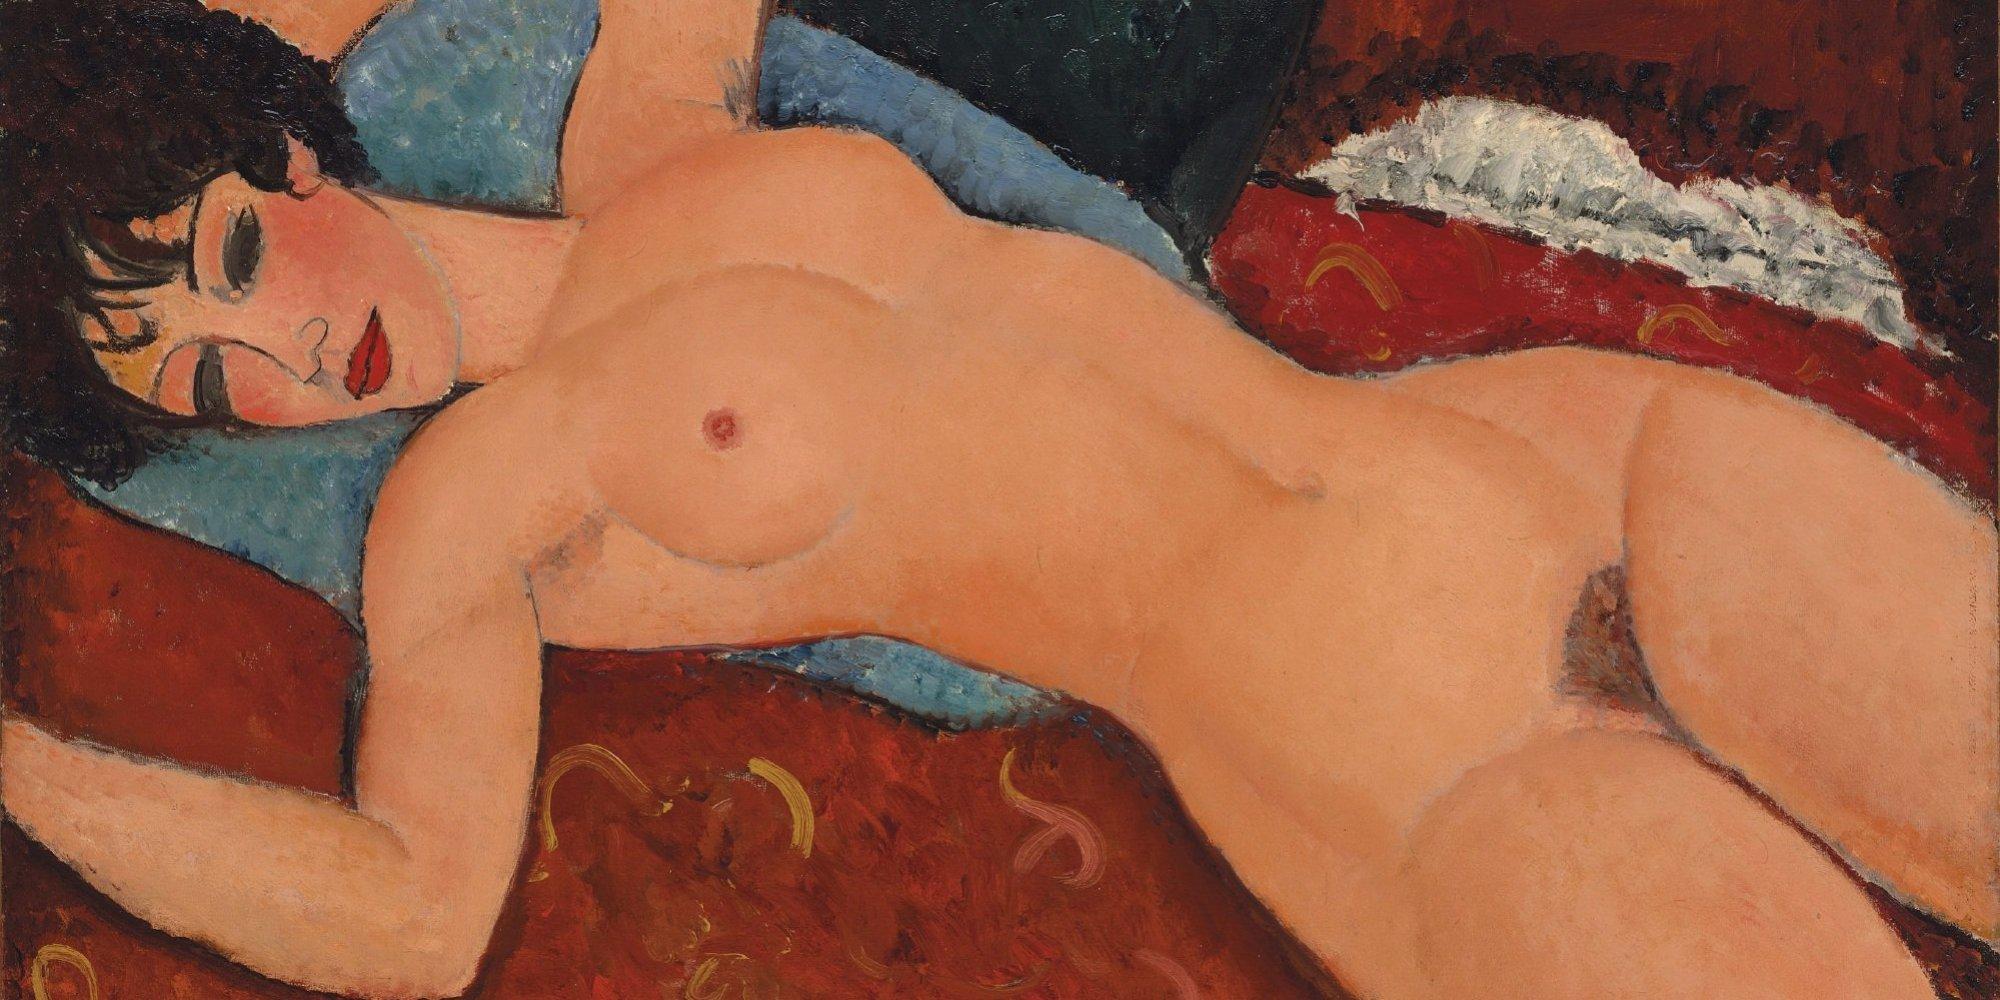 """HAN02. NUEVA YORK (EE.UU.), 09/11/2015.- Imagen sin fecha cedida por la casa de subastas Christie's de la obra Nu Couche del artista italiano Amedeo Modigliani (1884-1920). La casa de subastas Christie's dio hoy, lunes 9 de noviembre de 2015, el pistoletazo de salida a su temporada de otoño con una noche en la que se batieron récords con tres obras de los artistas Amedeu Modigliani, Roy Lichtenstein y Paul Gauguin. El estreno fue aún más dulce teniendo en cuenta que su principal competidora, Sotheby's, había arrancado la temporada con ligera decepción pese a sacar al mercado la artillería pesada de su expropietario Alfred Taubman con cerca de 80 retratos de artistas como Pablo Picasso, Paul Degas y el propio Modigliani. Dentro de la subasta de Christie's dedicada a """"la musa del artista"""", la pintura """"Reclining Nude"""" (Desnudo acostado) de Modigliani consiguió llegar hasta los 170,4 millones de dólares de precio final (152 millones de precio de martillo), con lo que superó con creces el último récord del artista, que se situaba en 71 millones. EFE/CHRISTIE'S/SOLO USO EDITORIAL/NO VENTAS"""